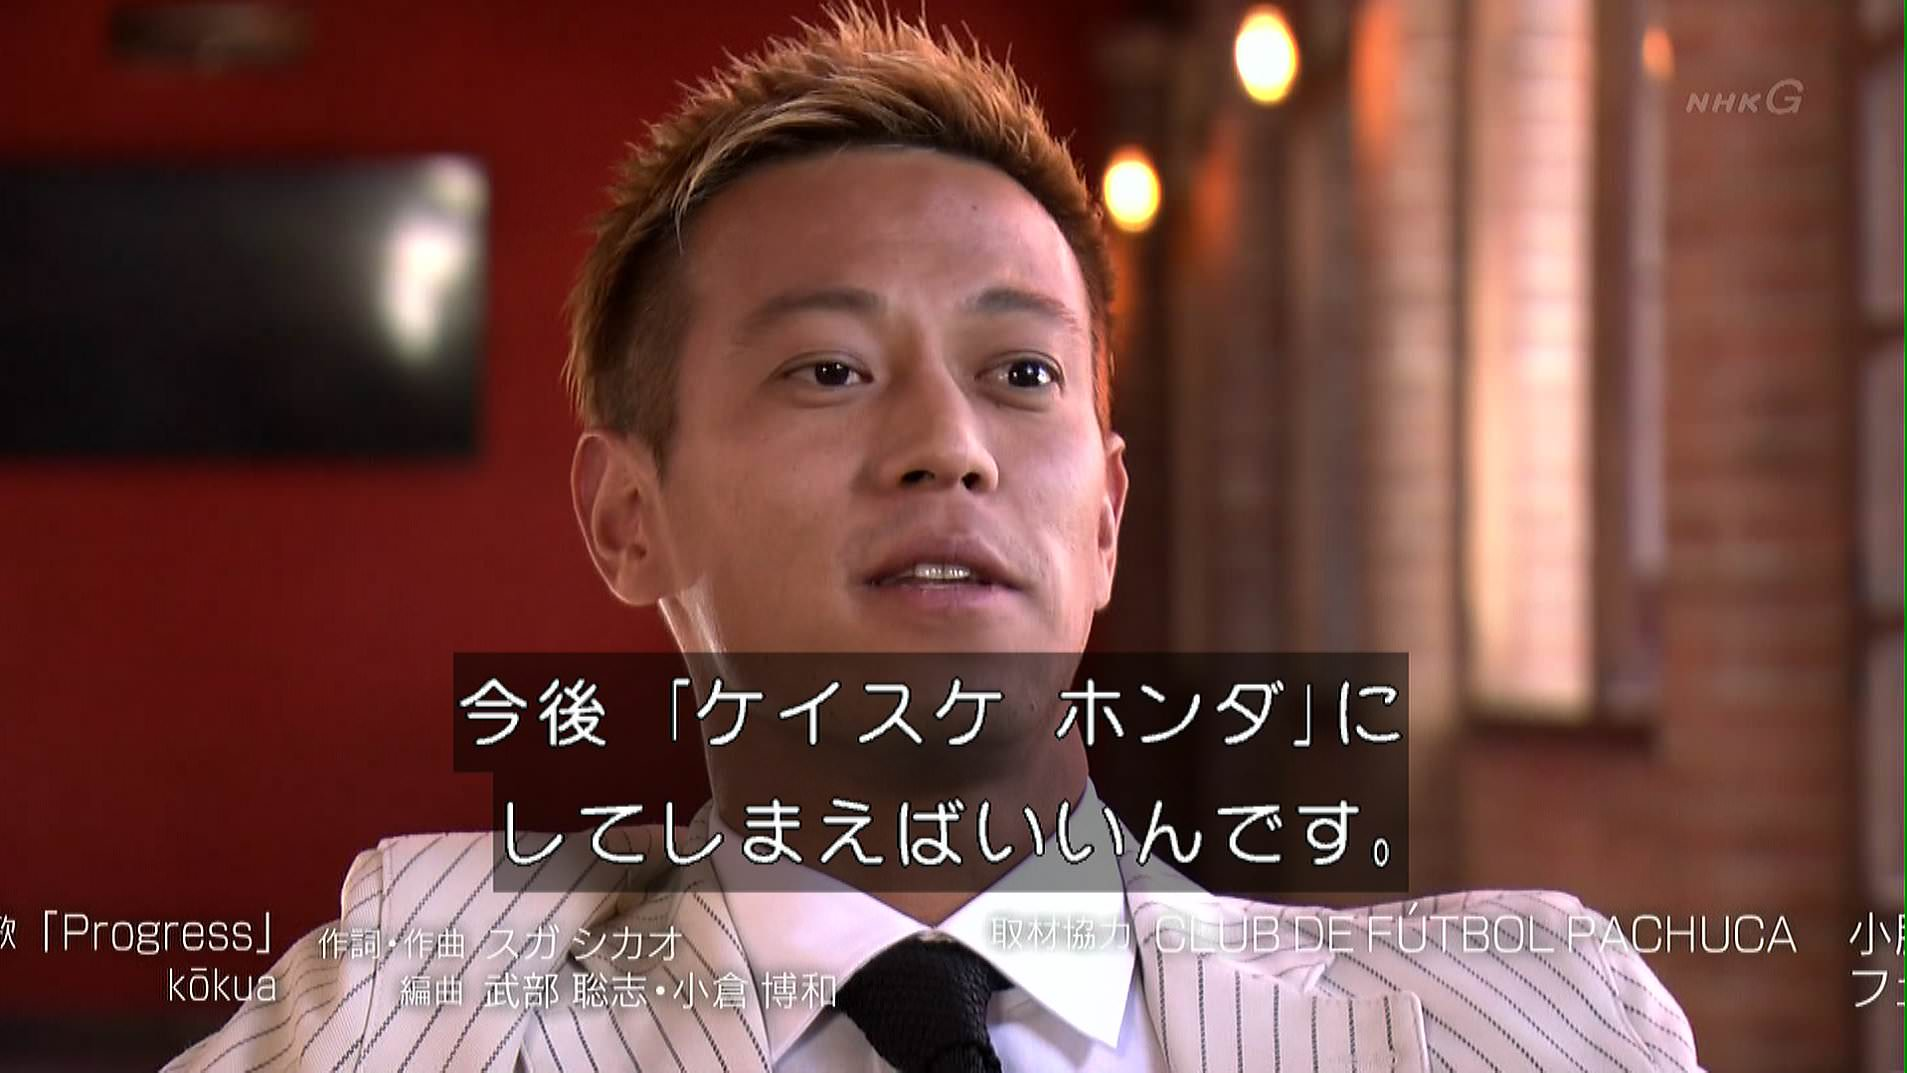 【画像】本田圭佑「プロフェッショナルとはケイスケホンダ。今後ケイスケホンダにしてしまえばいいんです」